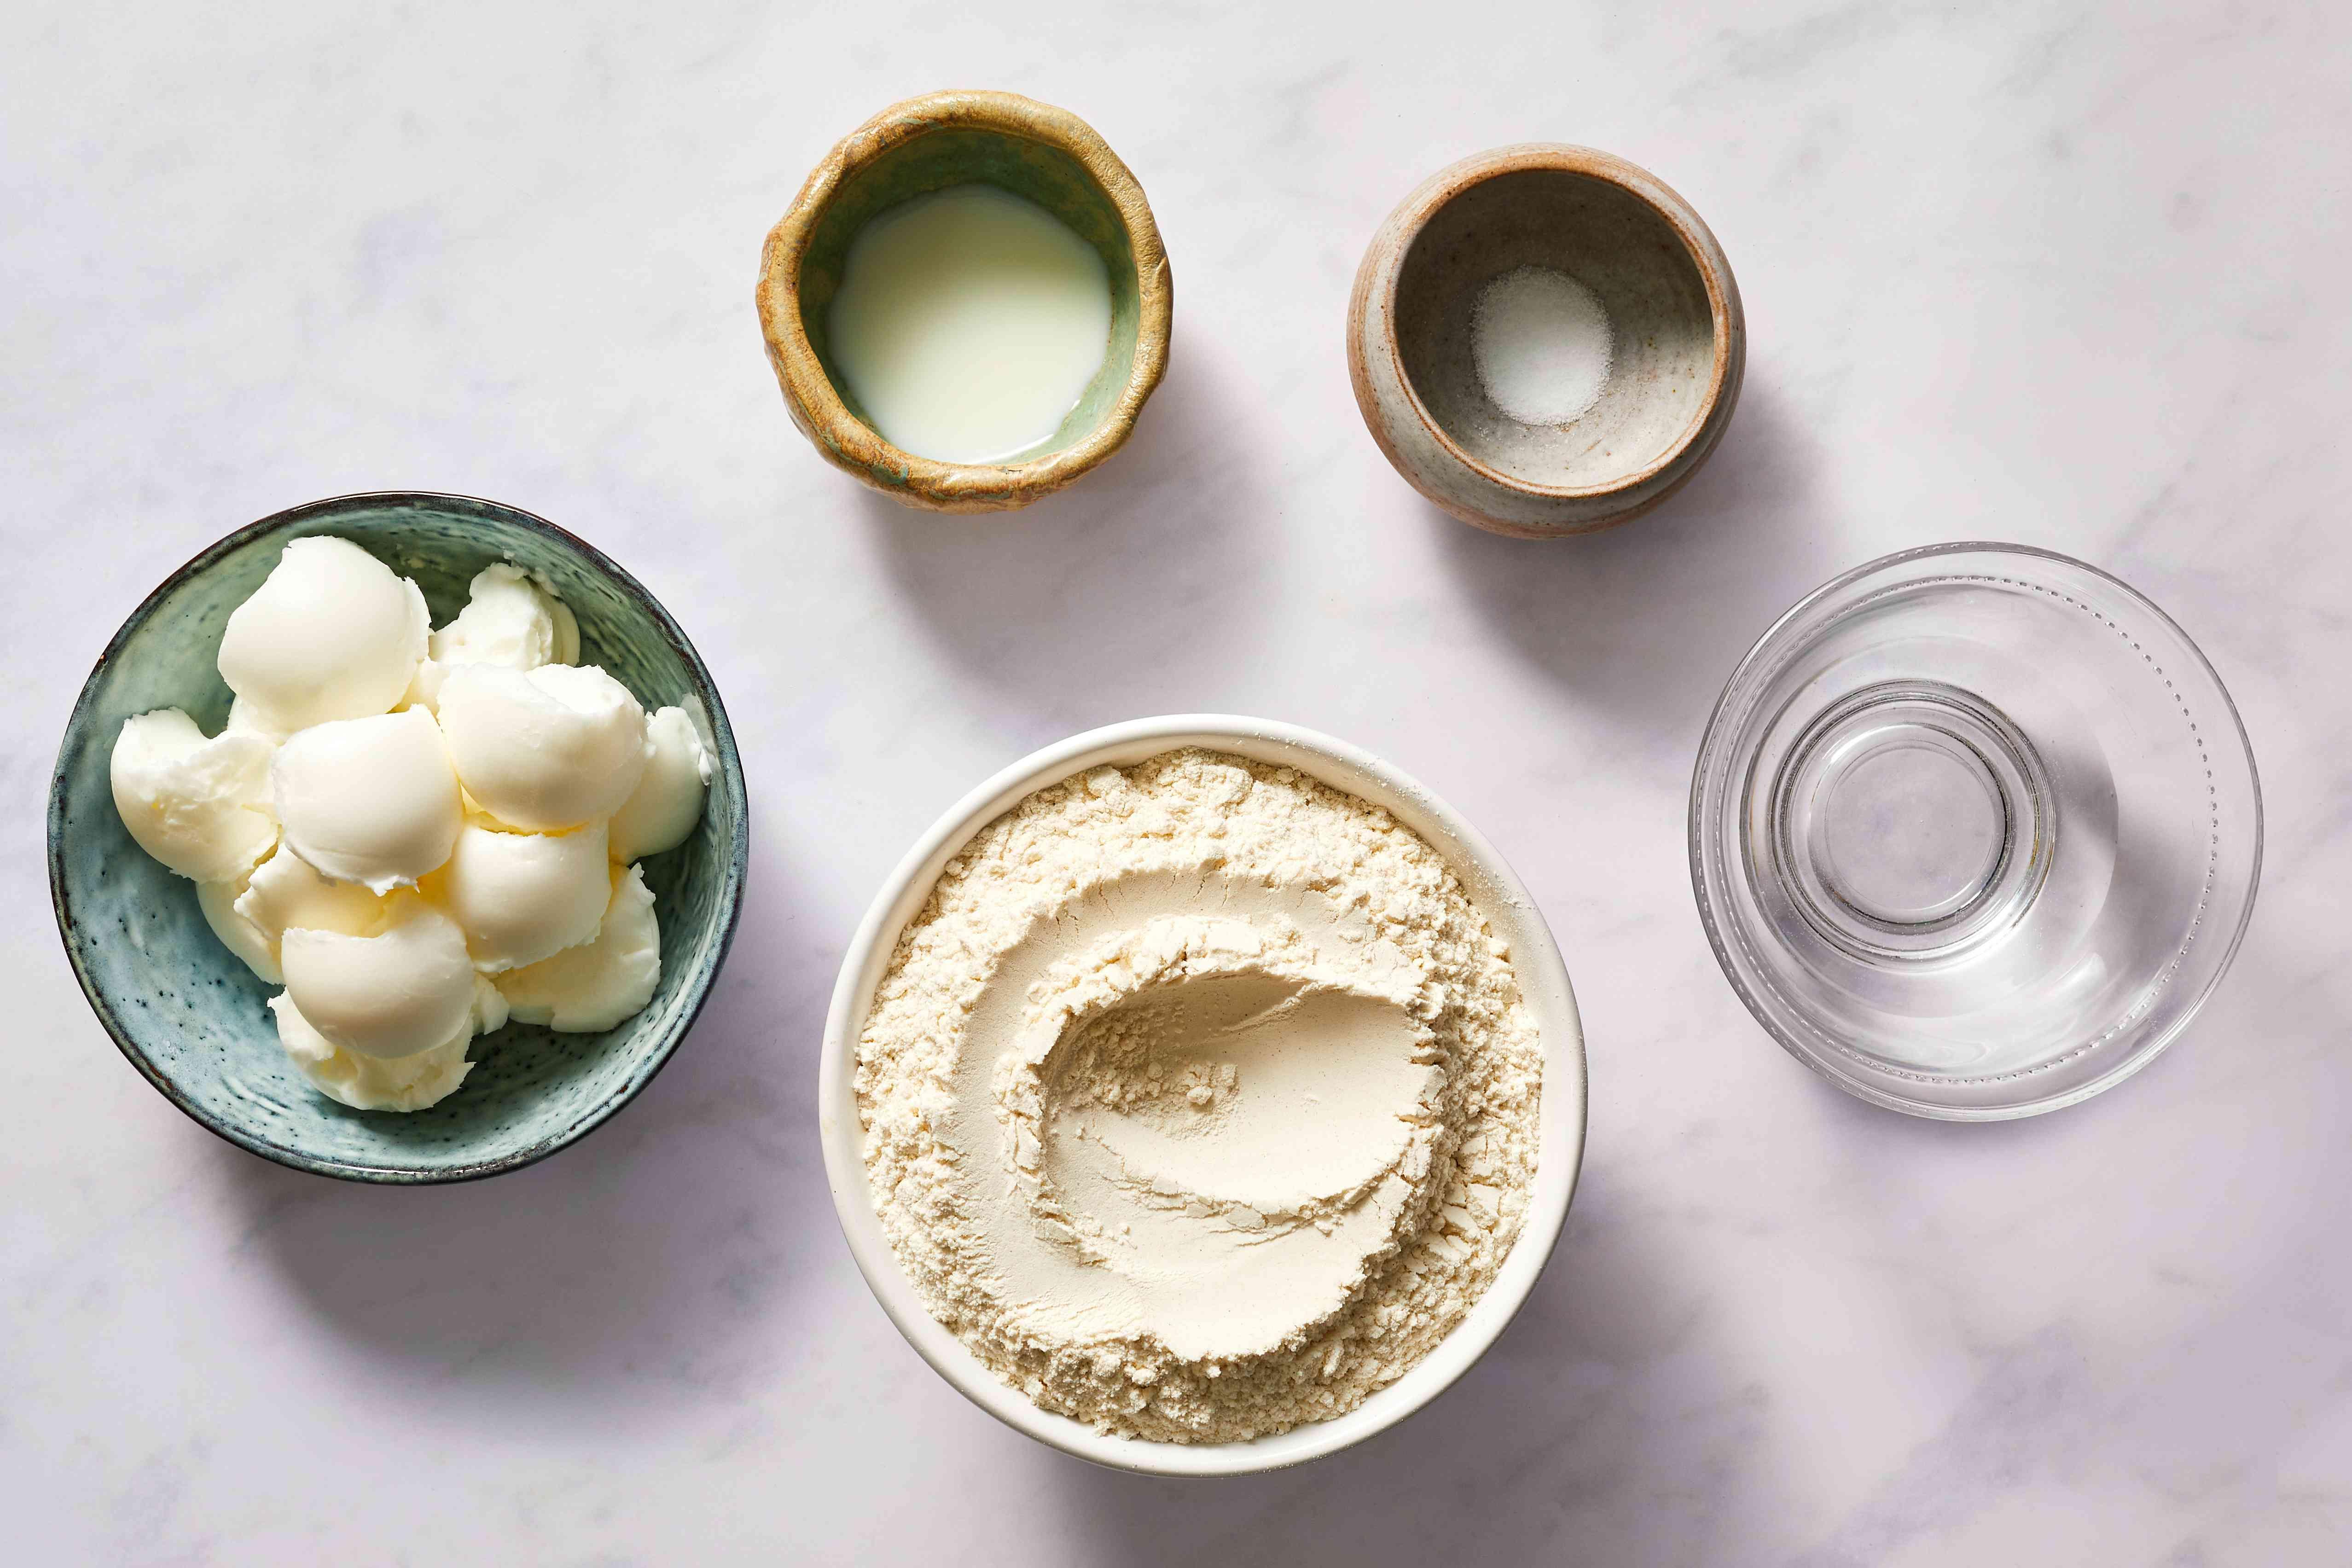 Easy Hot Water Pie Crust ingredients